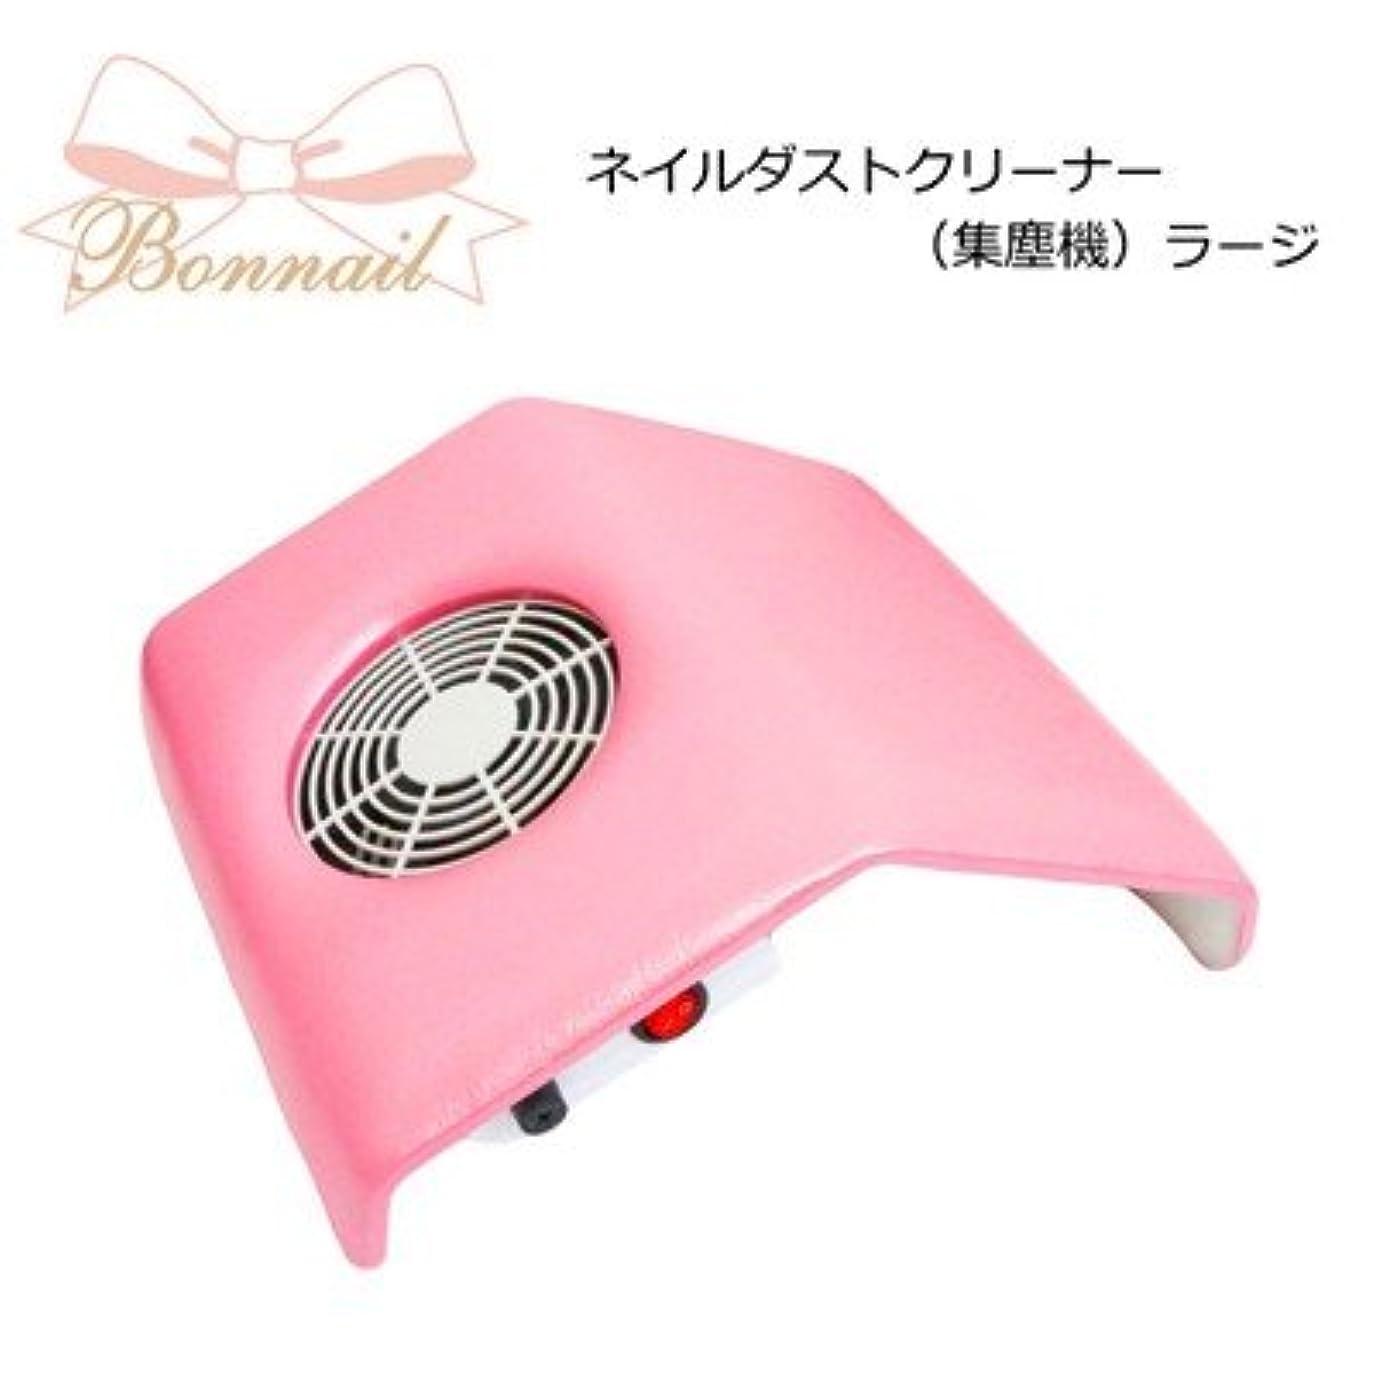 ケイ素神聖くるくるボンネイル (Bonnail) Bonnail ネイルダストクリーナー(集塵機) ラージピンク